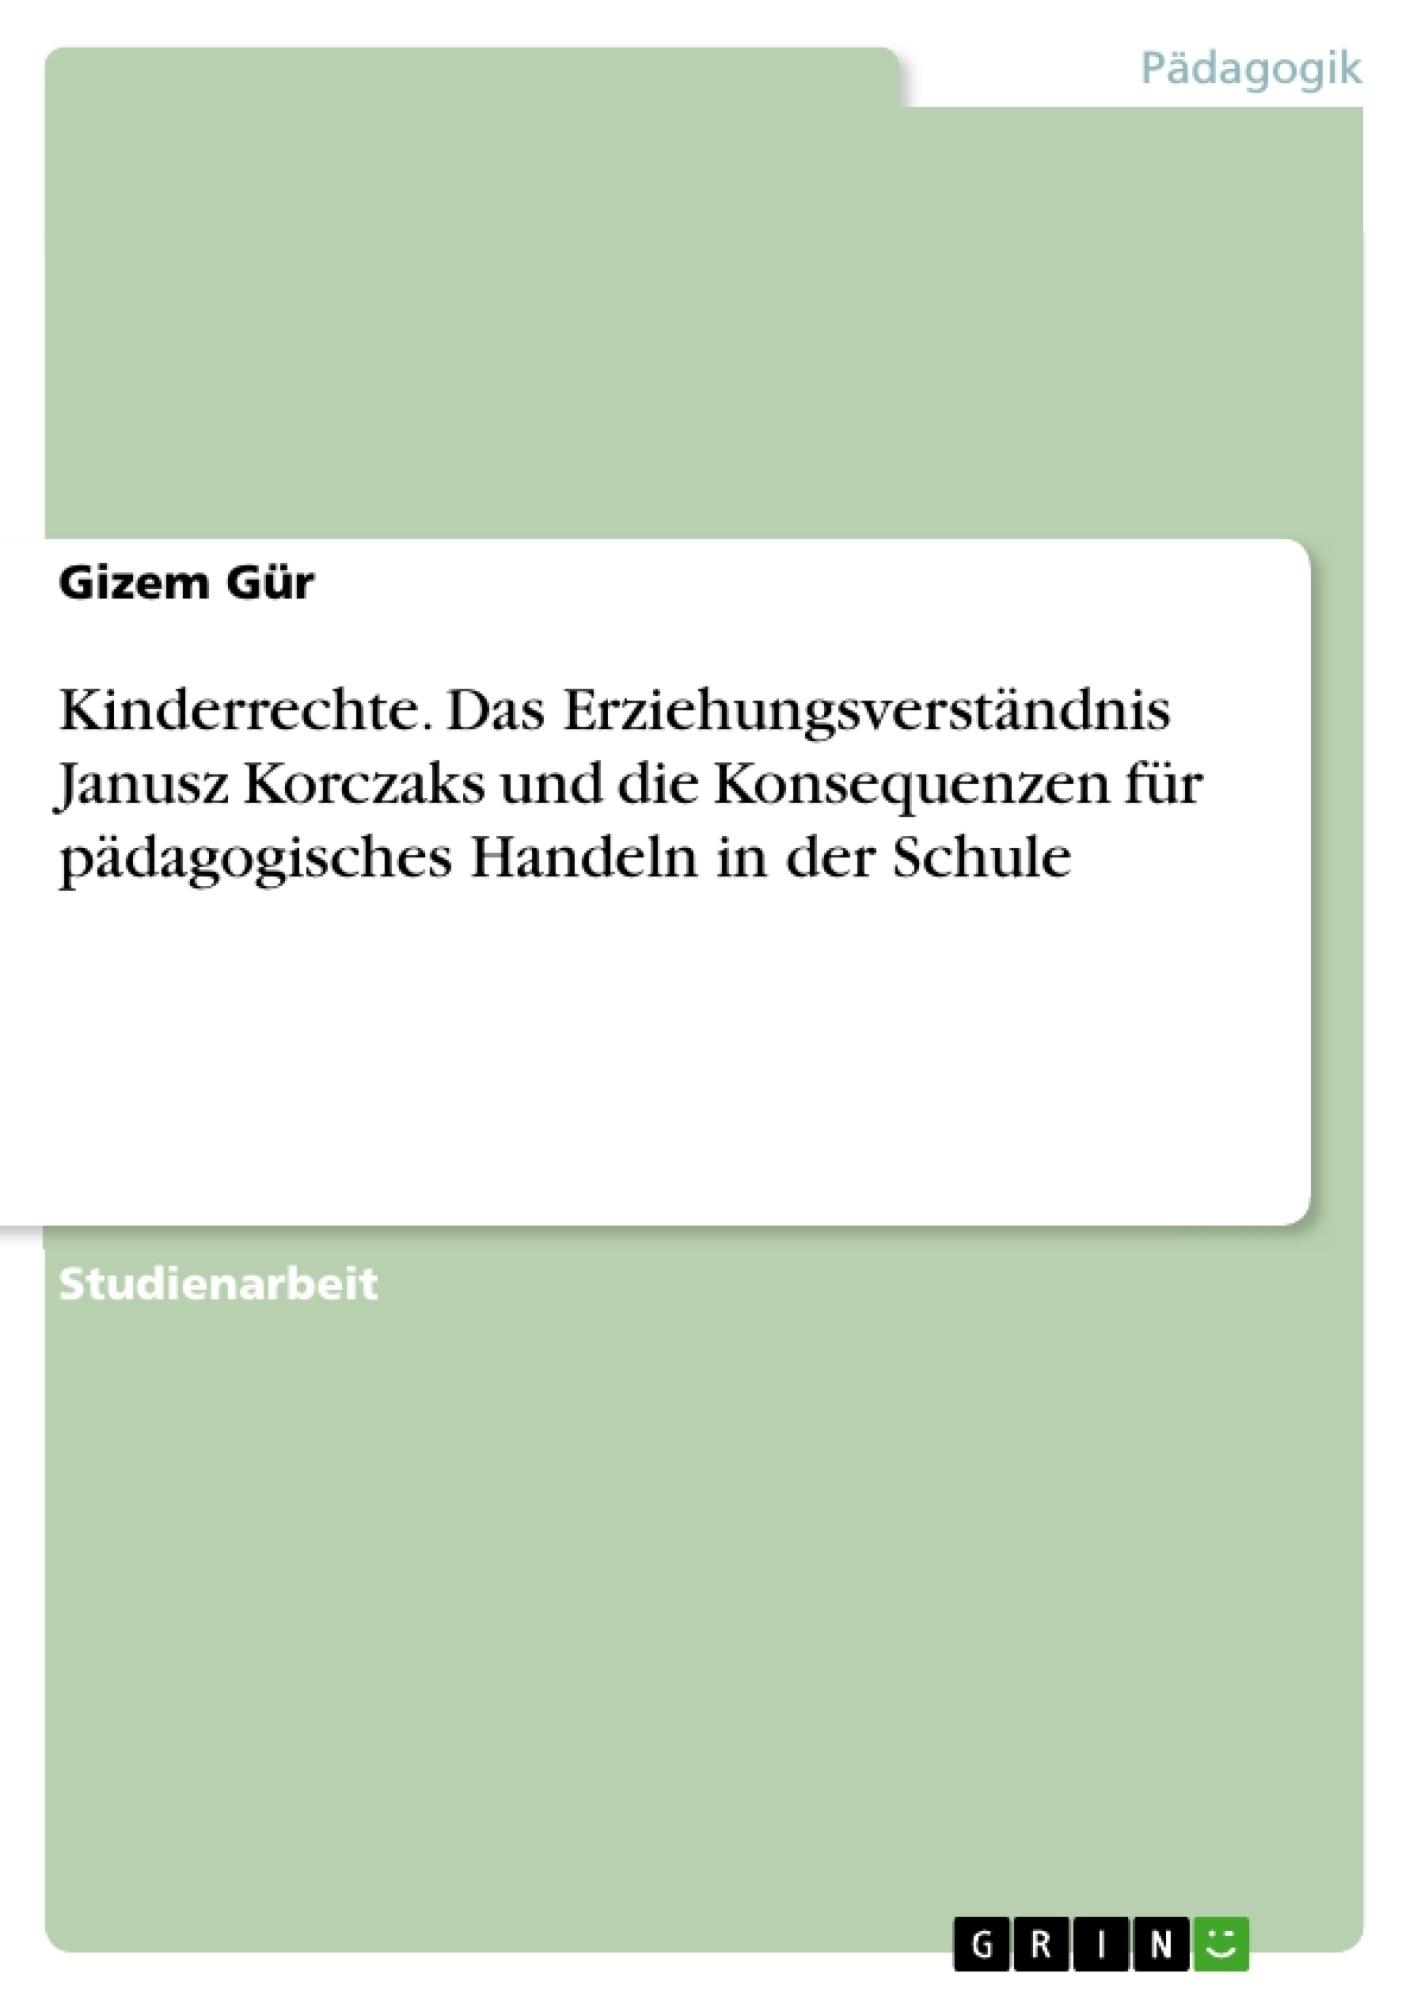 Titel: Kinderrechte. Das Erziehungsverständnis Janusz Korczaks und die Konsequenzen für pädagogisches Handeln in der Schule